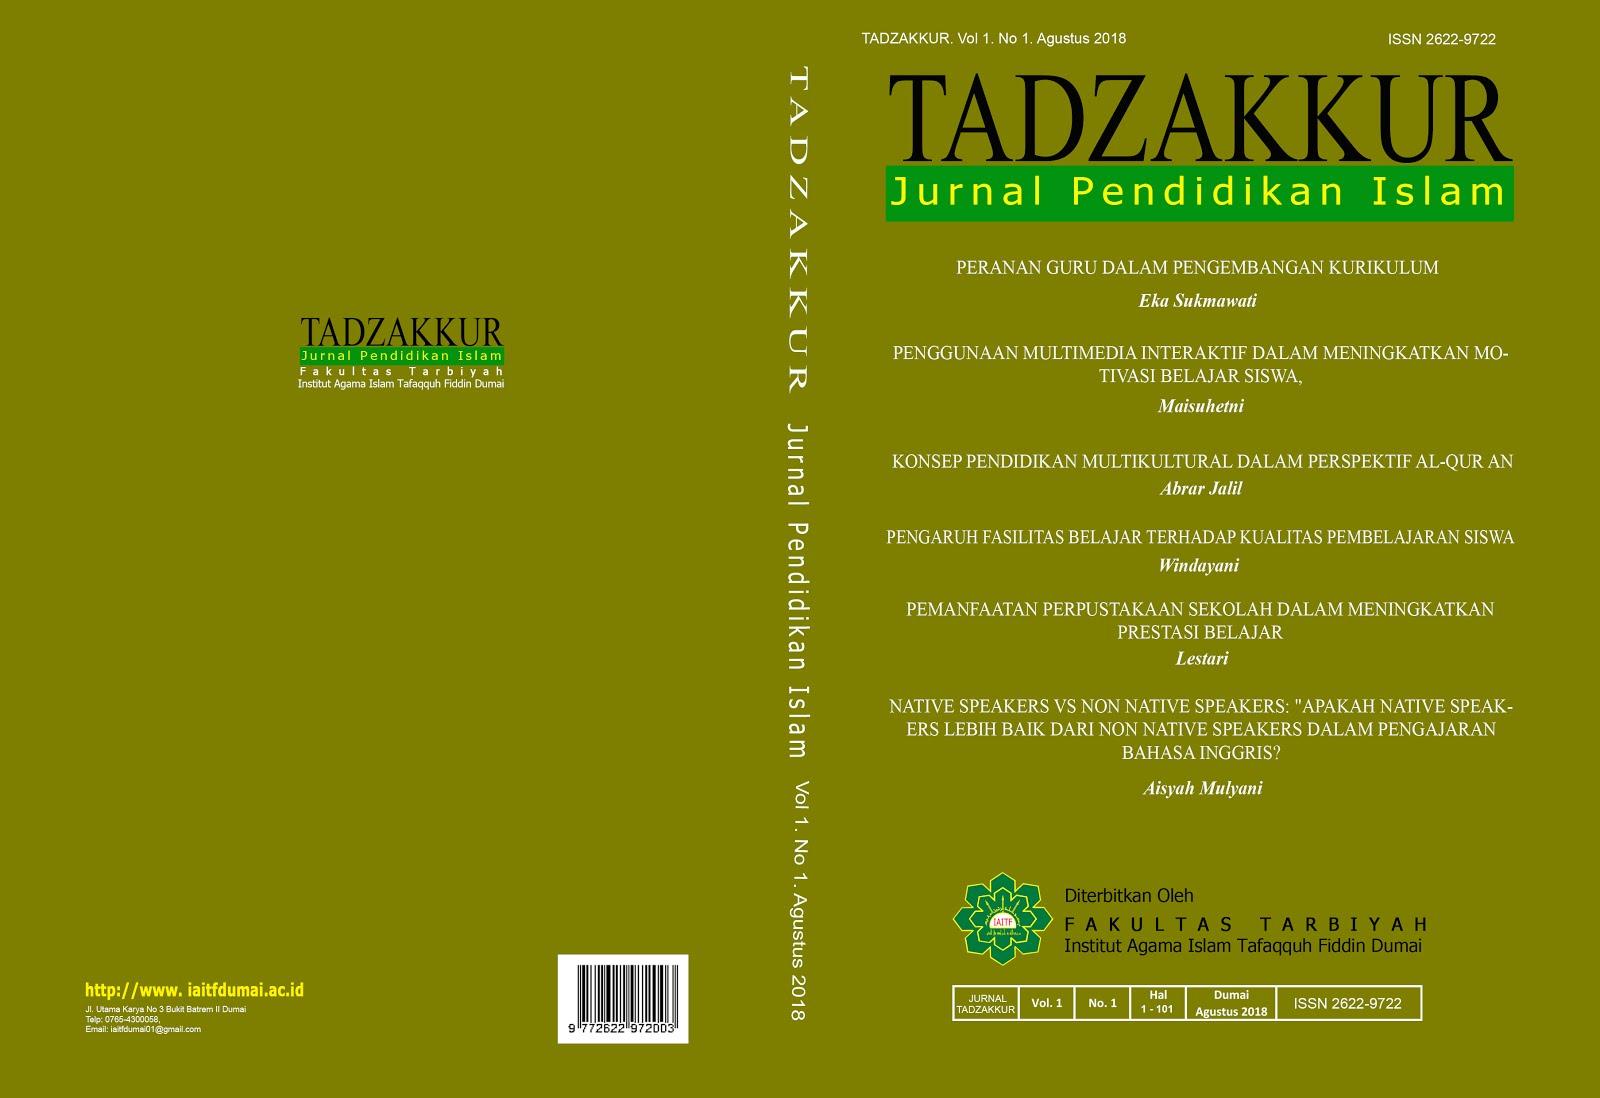 Jurnal Tadzakkur